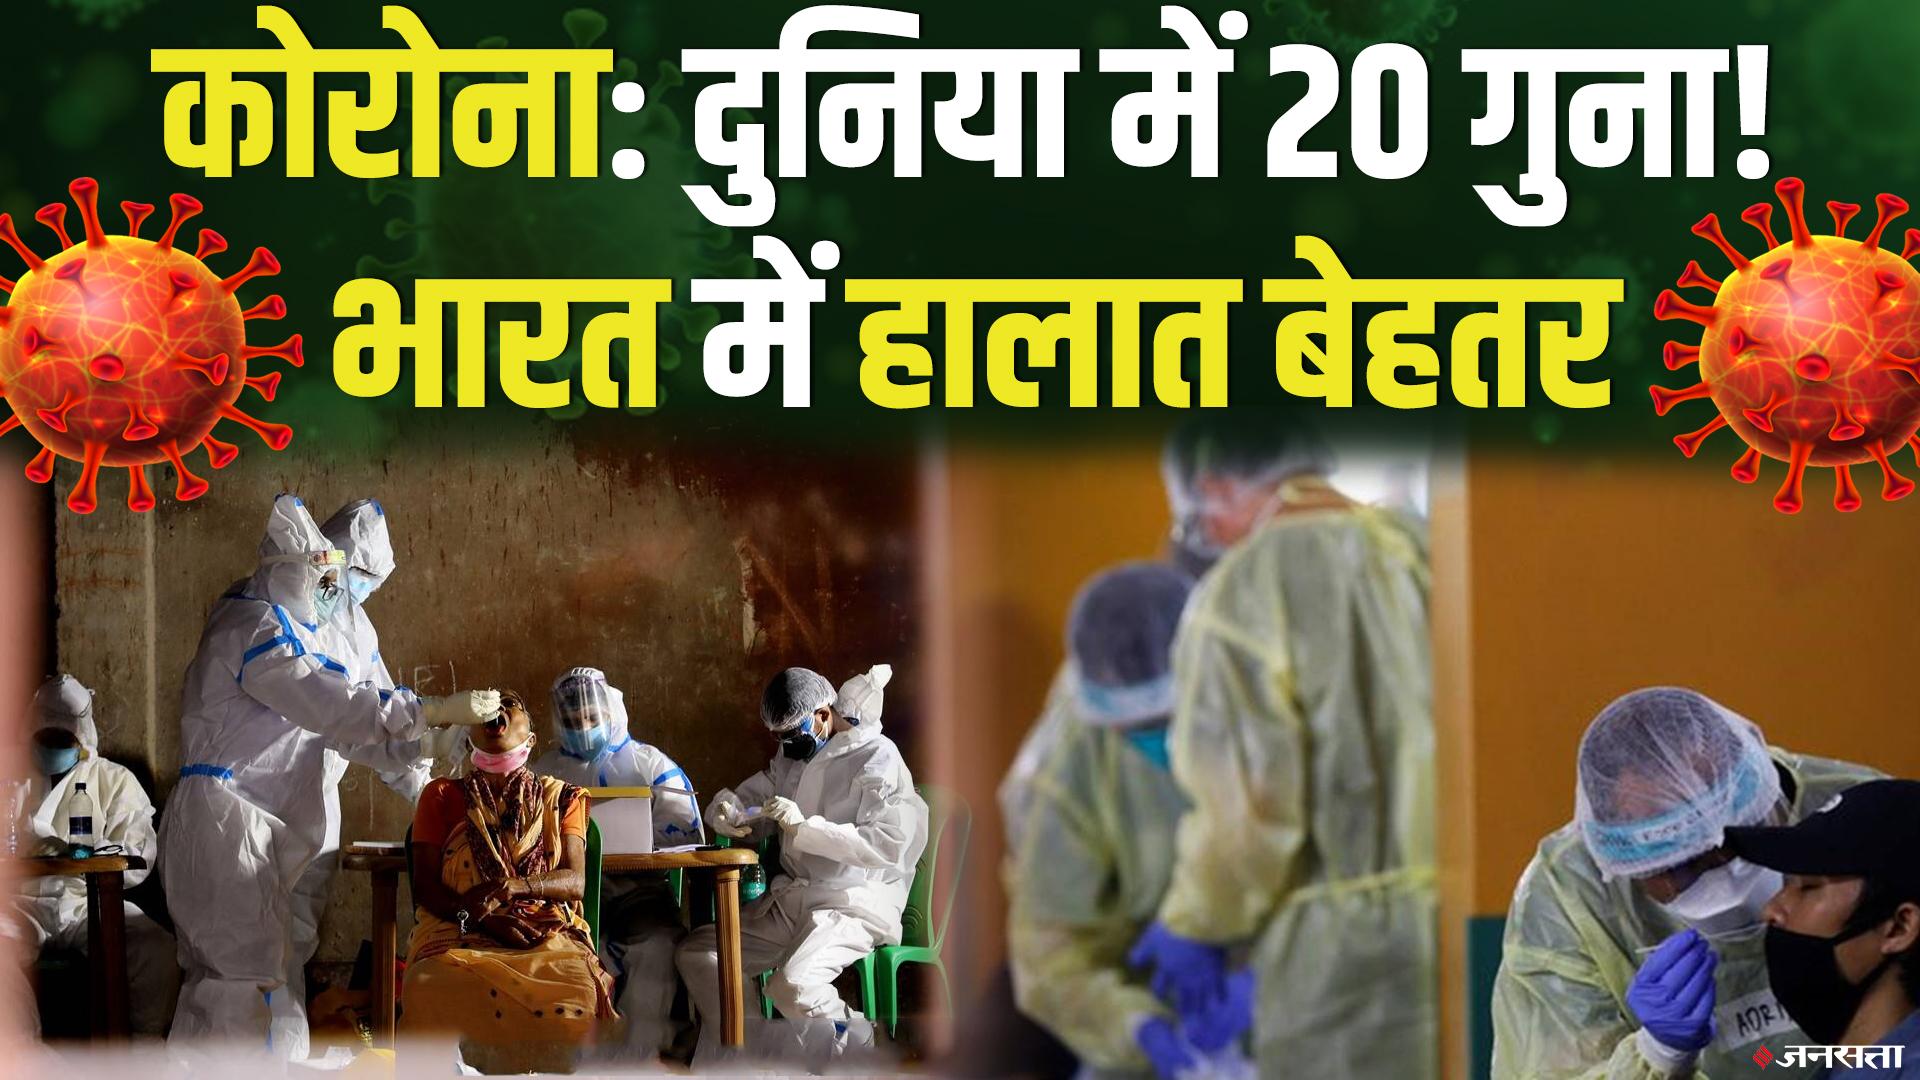 WHO ने कहा दुनिया का हर 10वां इंसान होगा कोरोना संक्रमित, भारत में स्थिति थोड़ी बेहतर | WHO on Covid19